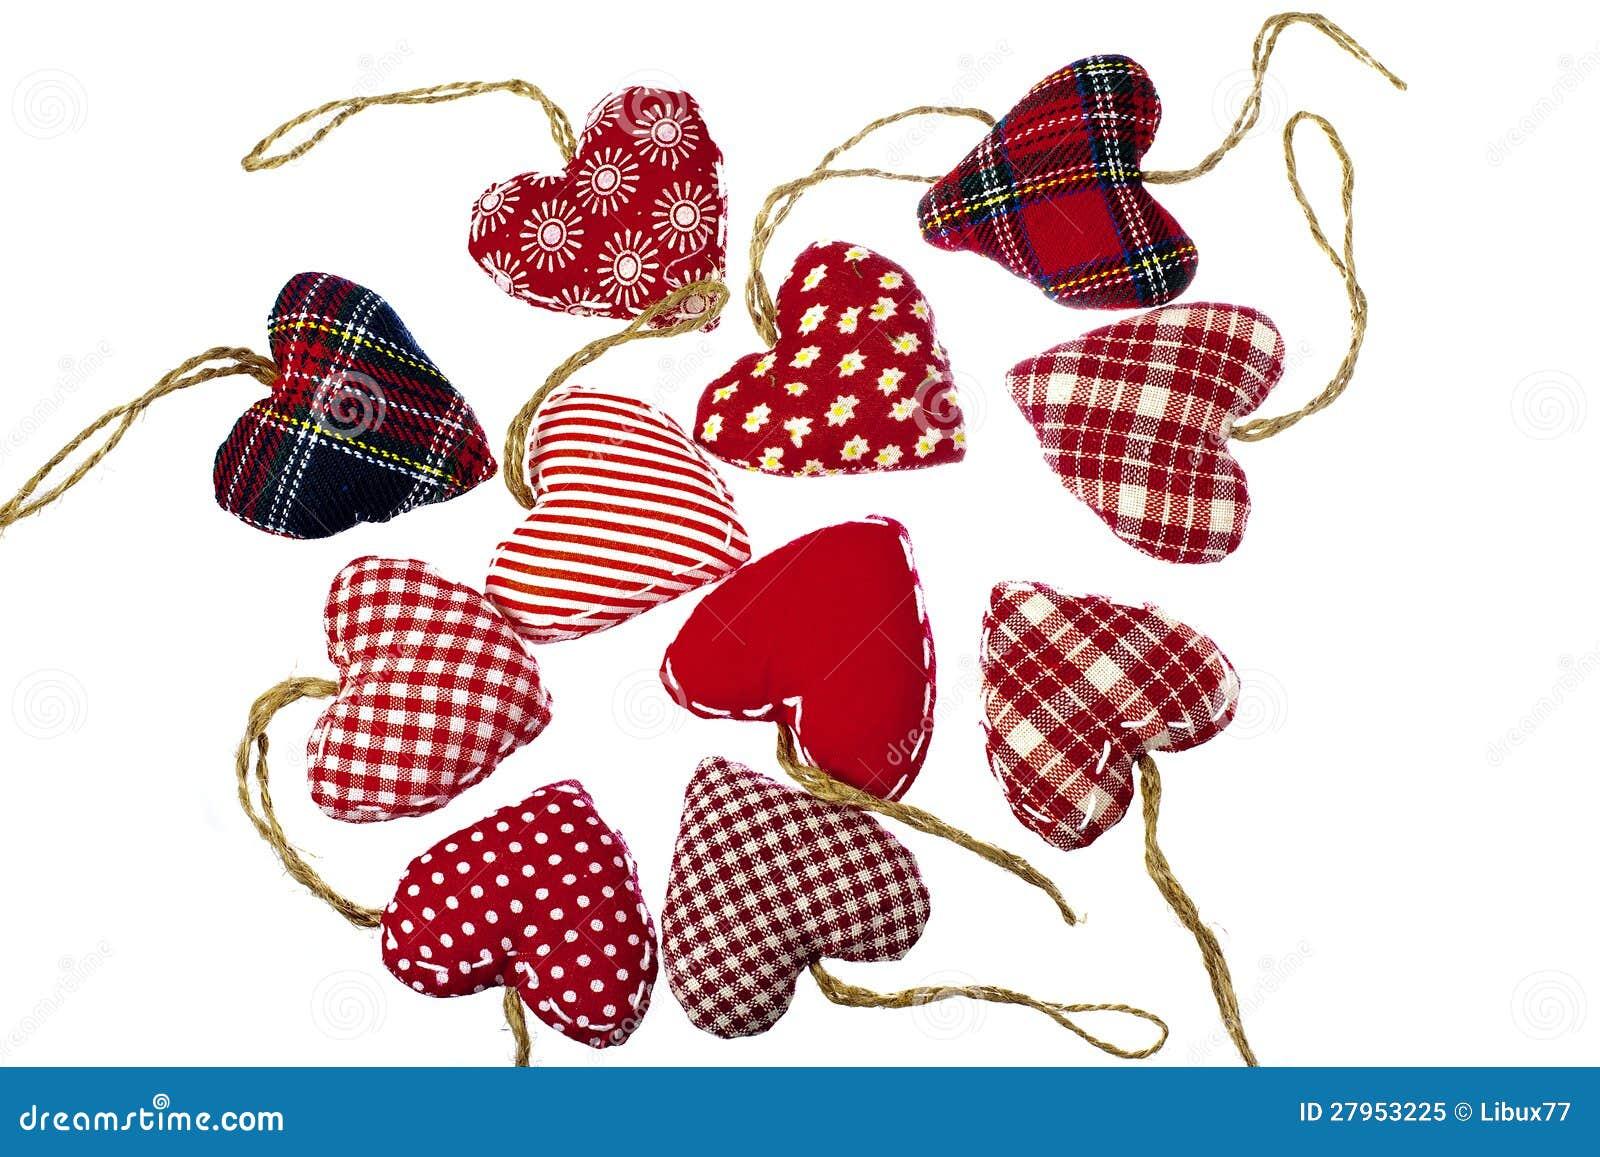 Christmas Tree Hearts Decorations Royalty Free Stock Photo